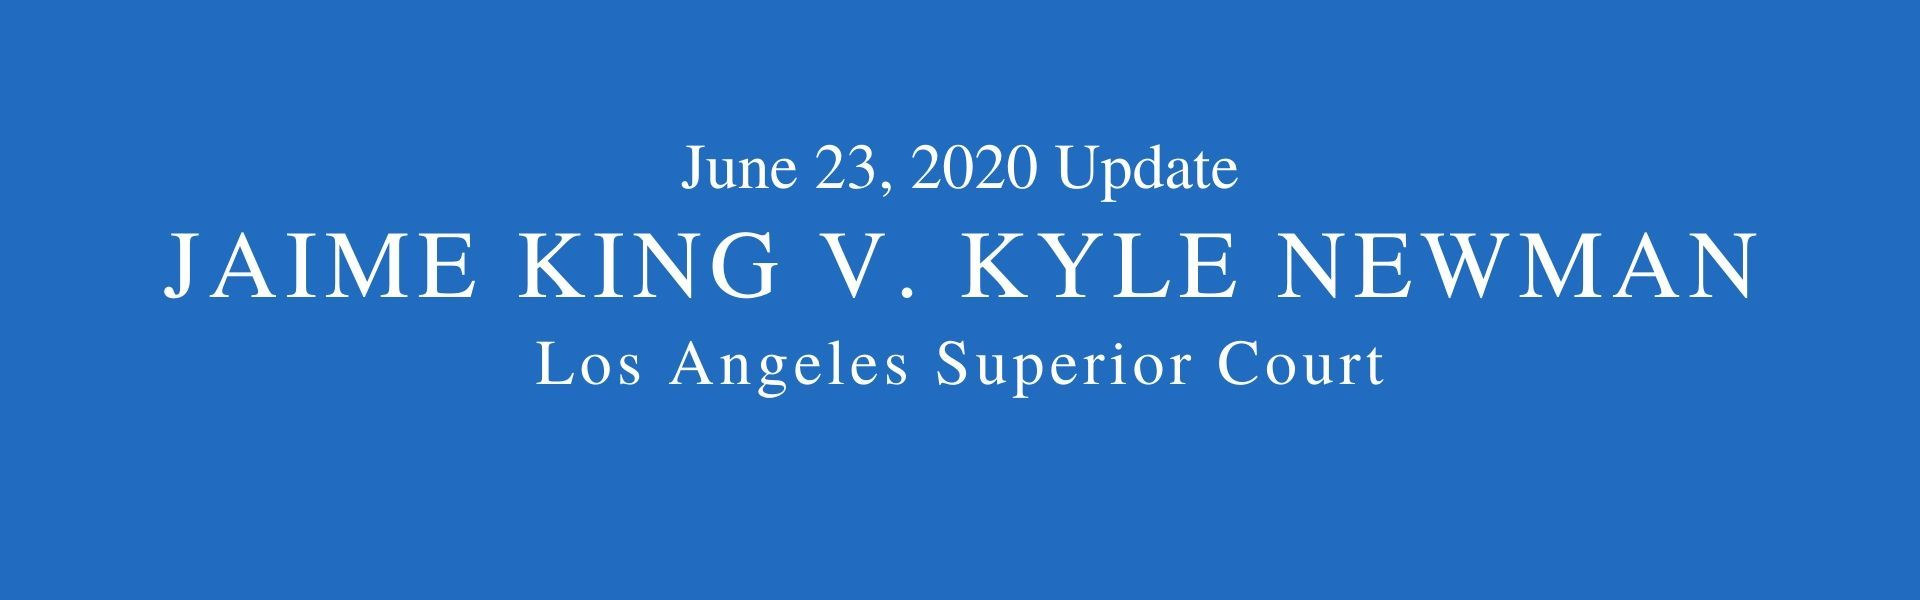 Blue background. Words June 23, 2020 Jaime King v. Kyle Newman divorce, Los Angeles Superior Court